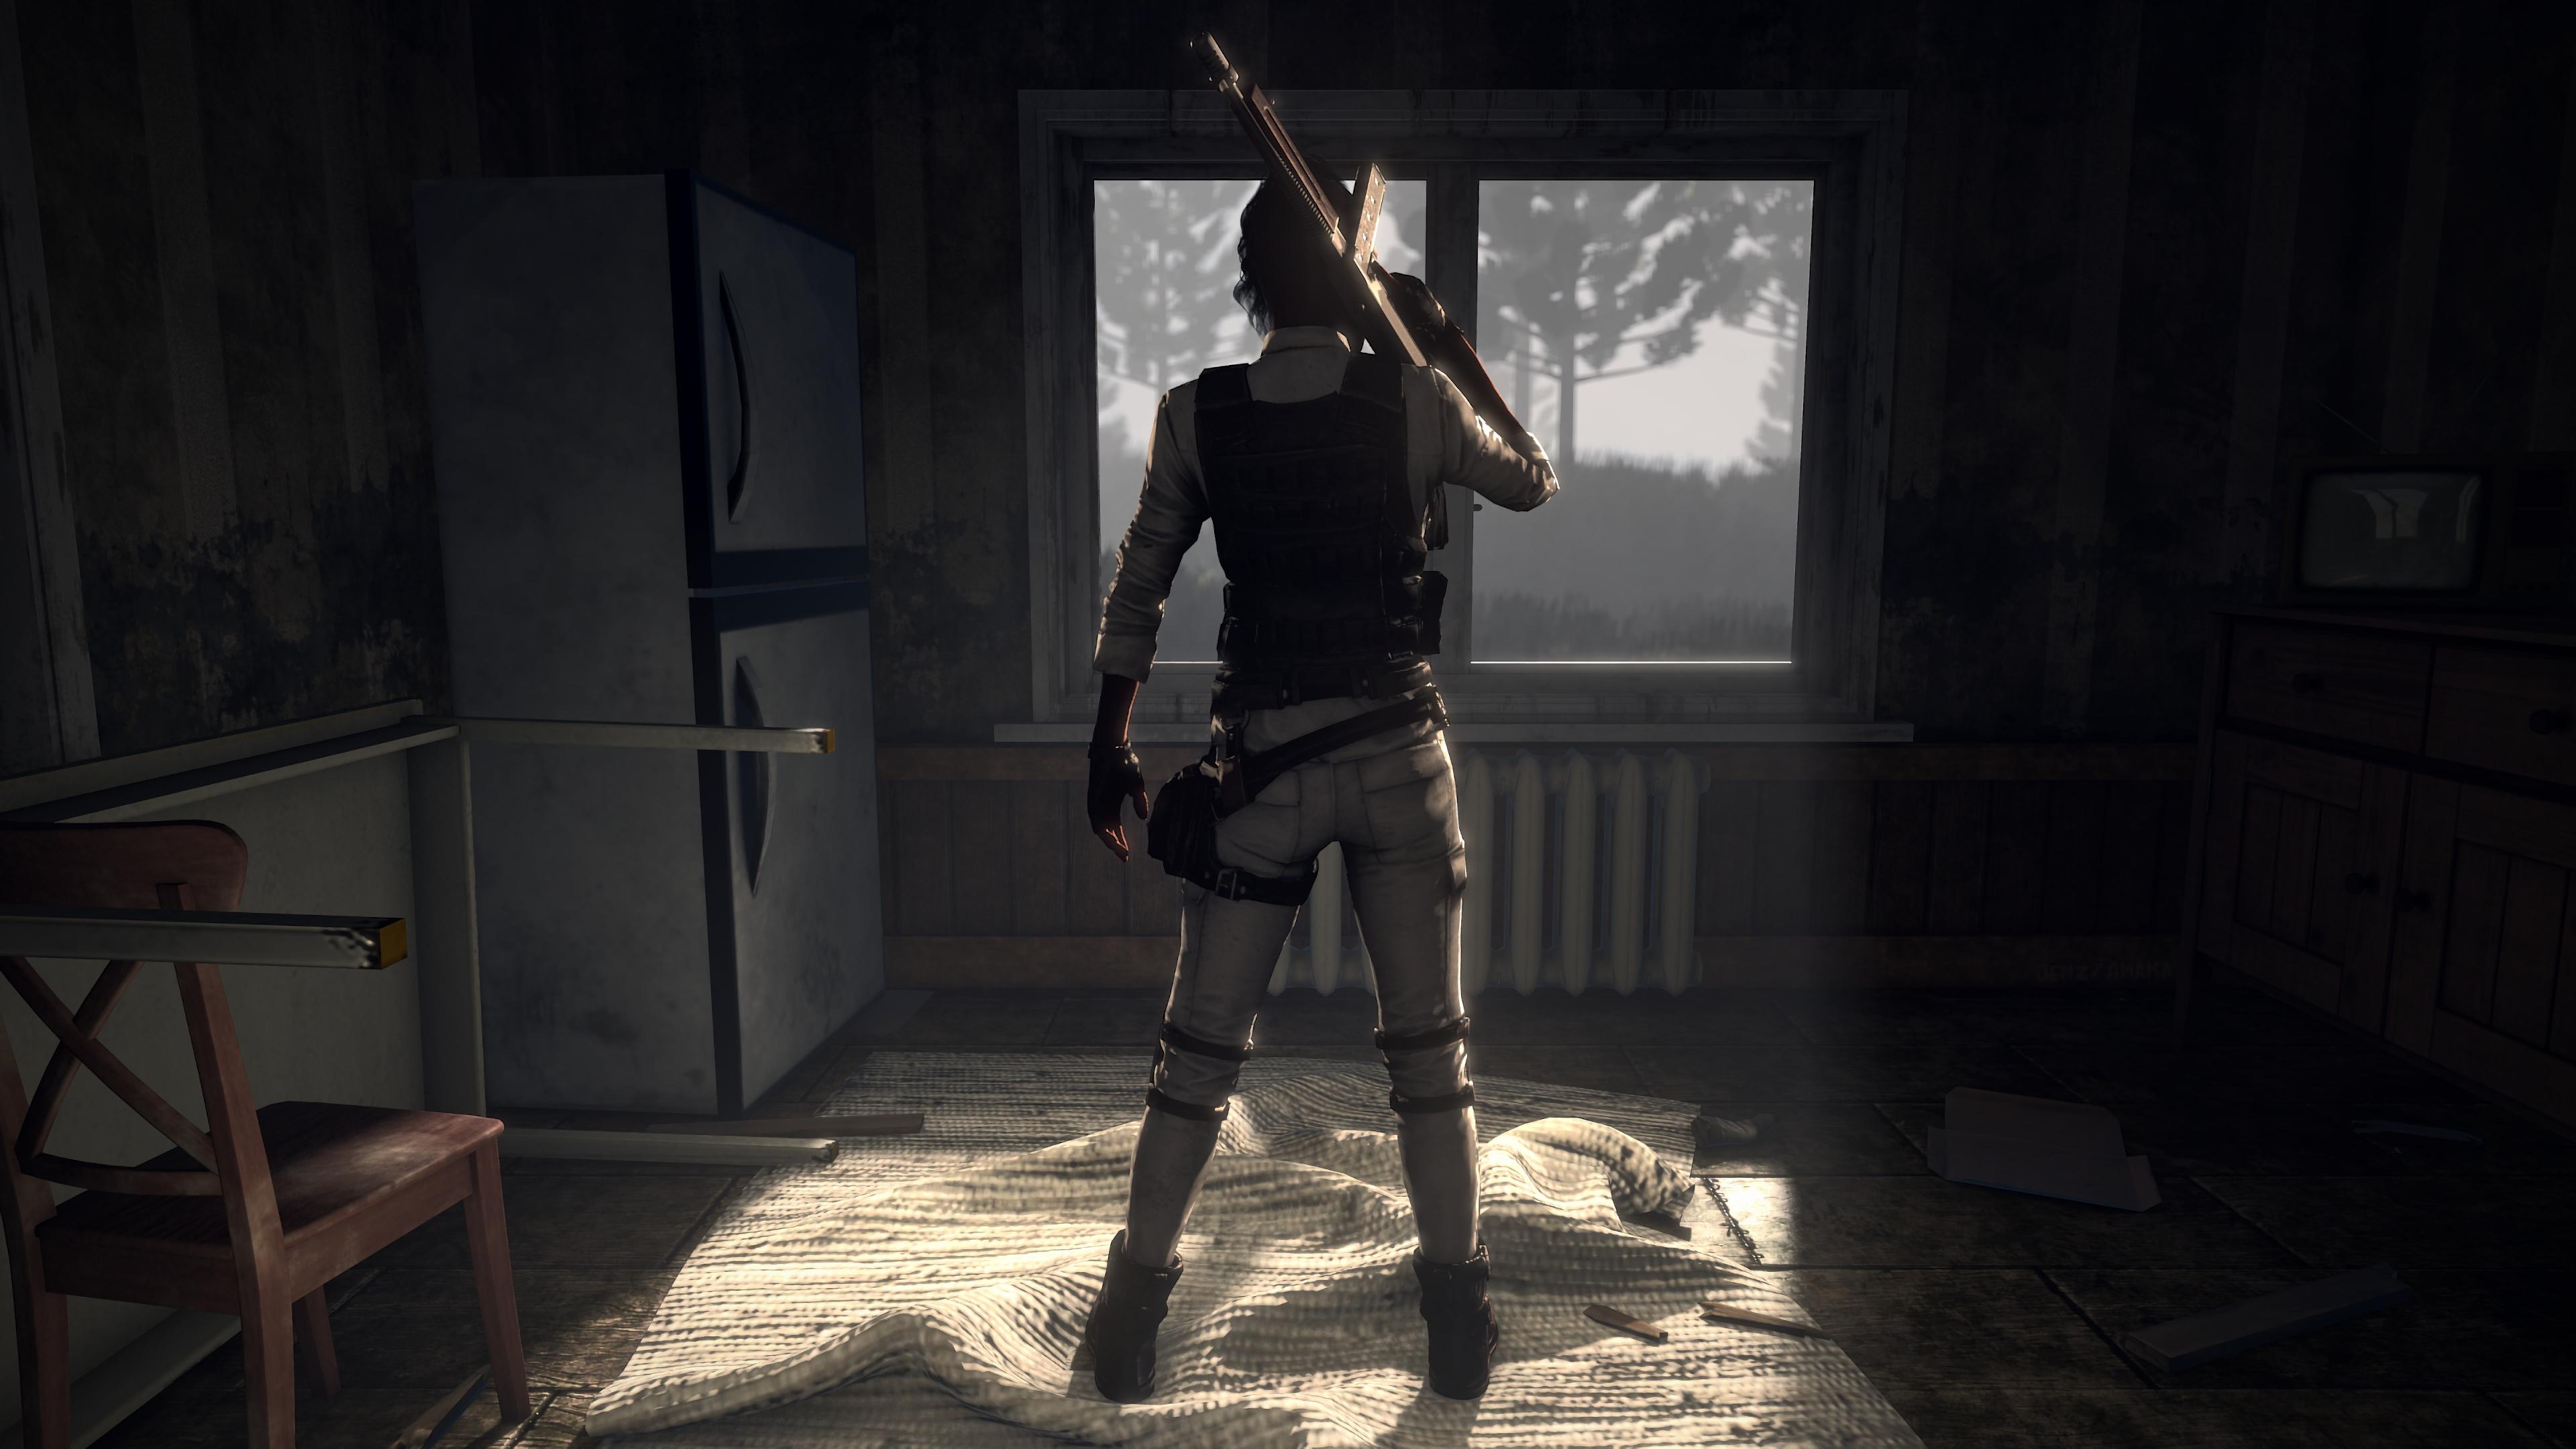 Pubg Playerunknowns Battlegrounds Background 5